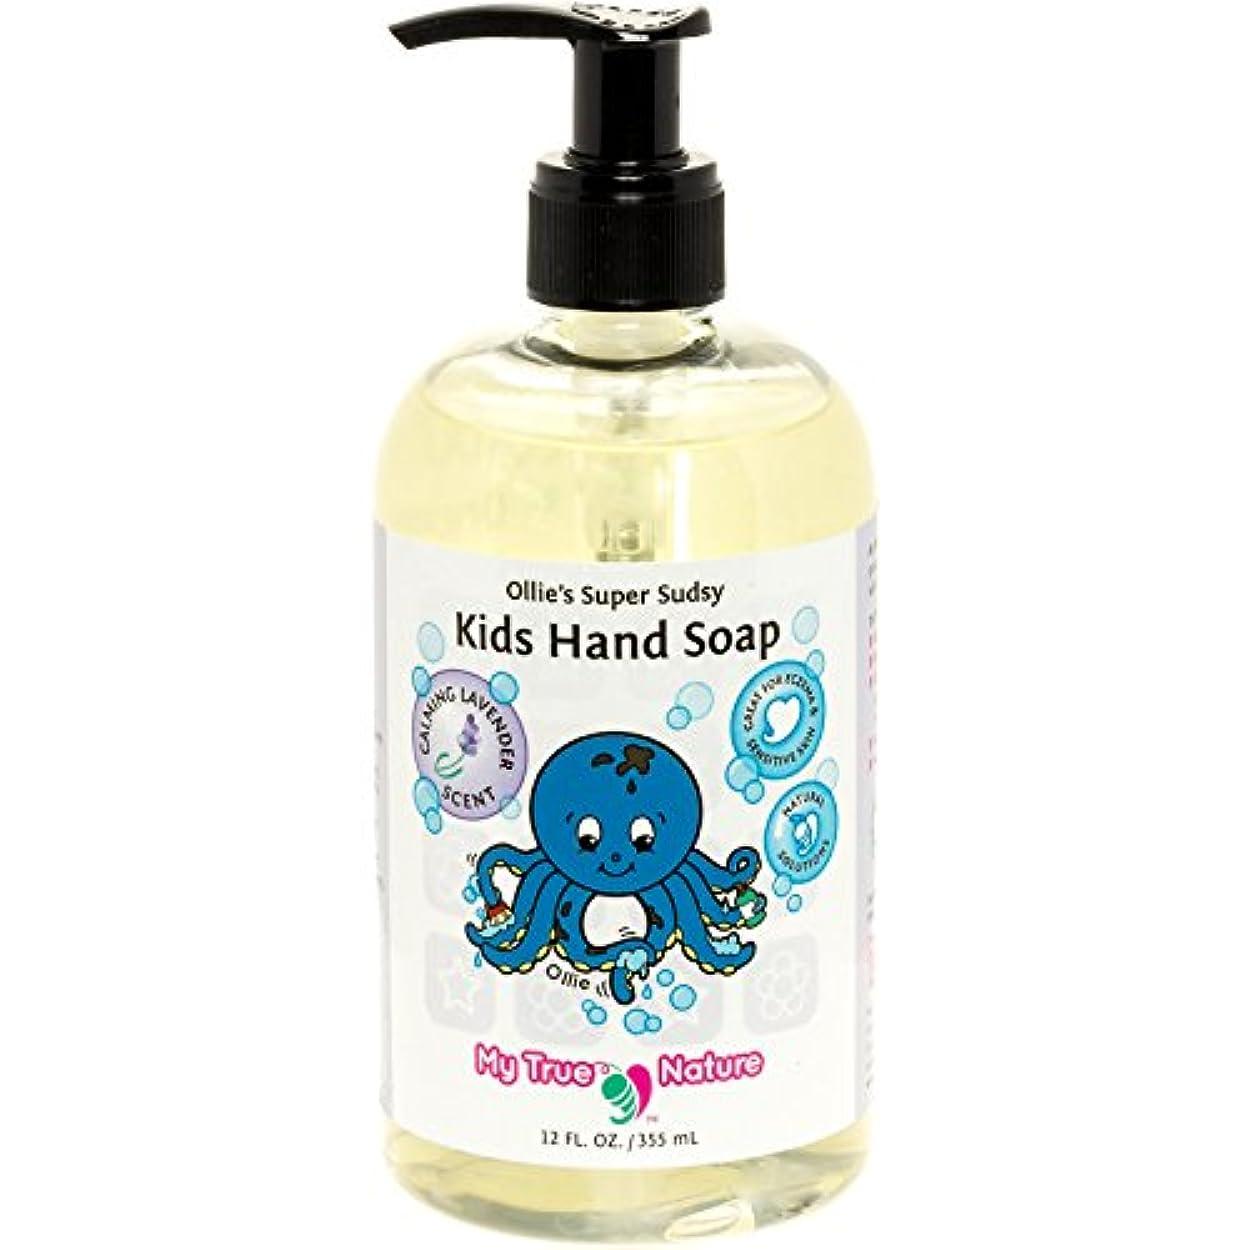 性別実行可能ランドリーAll Natural Kids Soap - Ollie's Super Sudsy Liquid Hand Soap - Lavender Scent, 12 oz by My True Nature